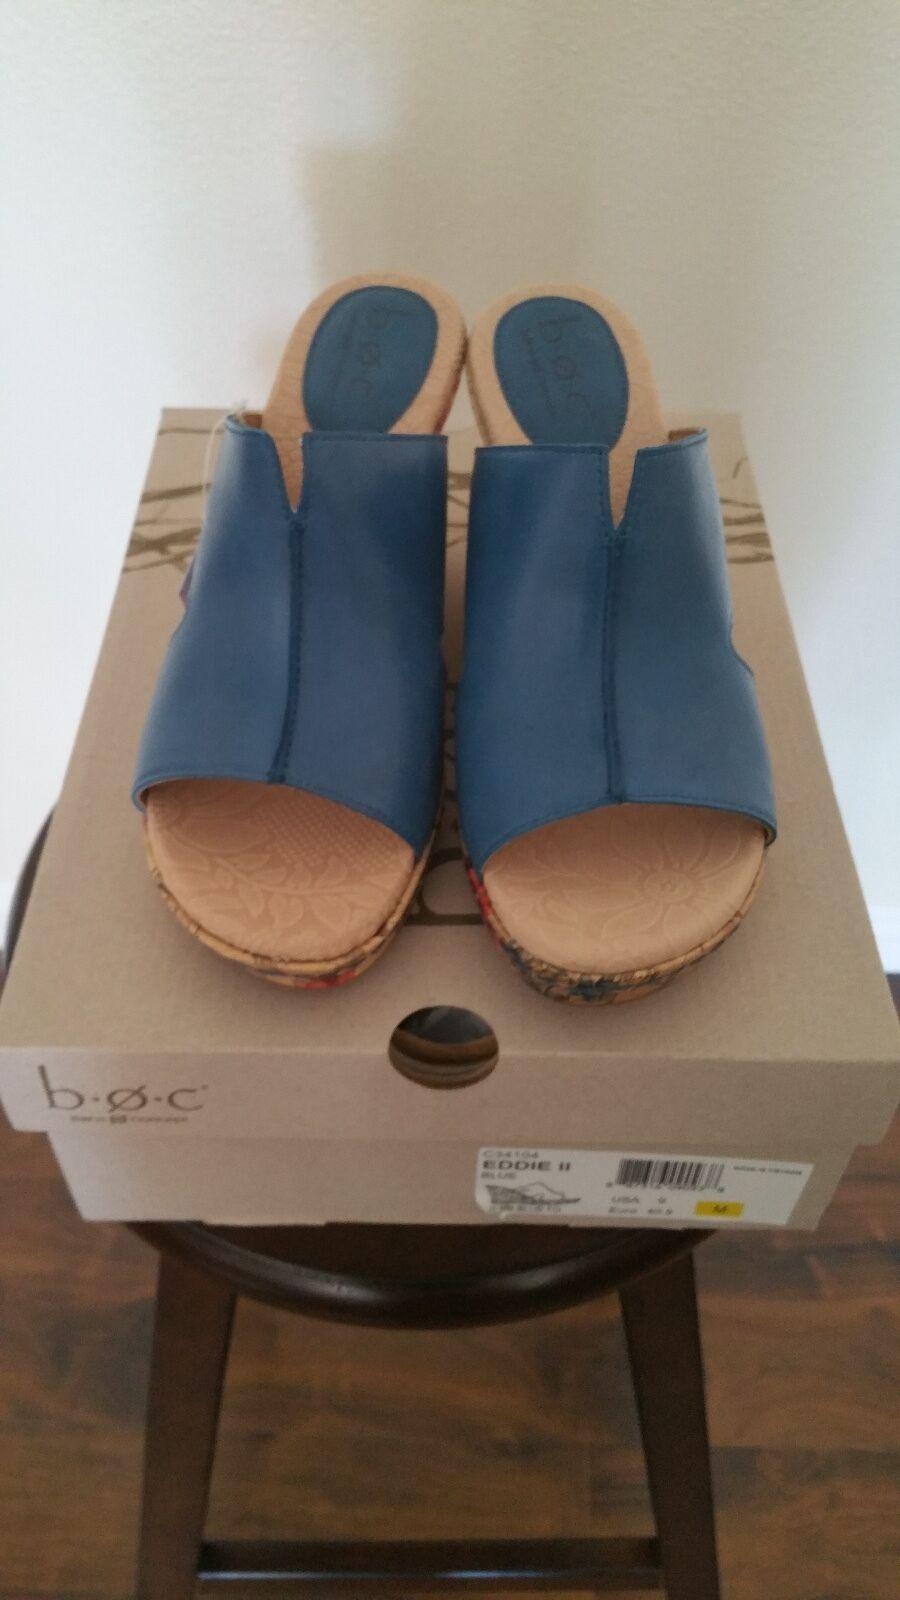 B.O.C. Eddie II Mujer Azul Sandalia de de de cuña de cuero Talla 9  despacho de tienda